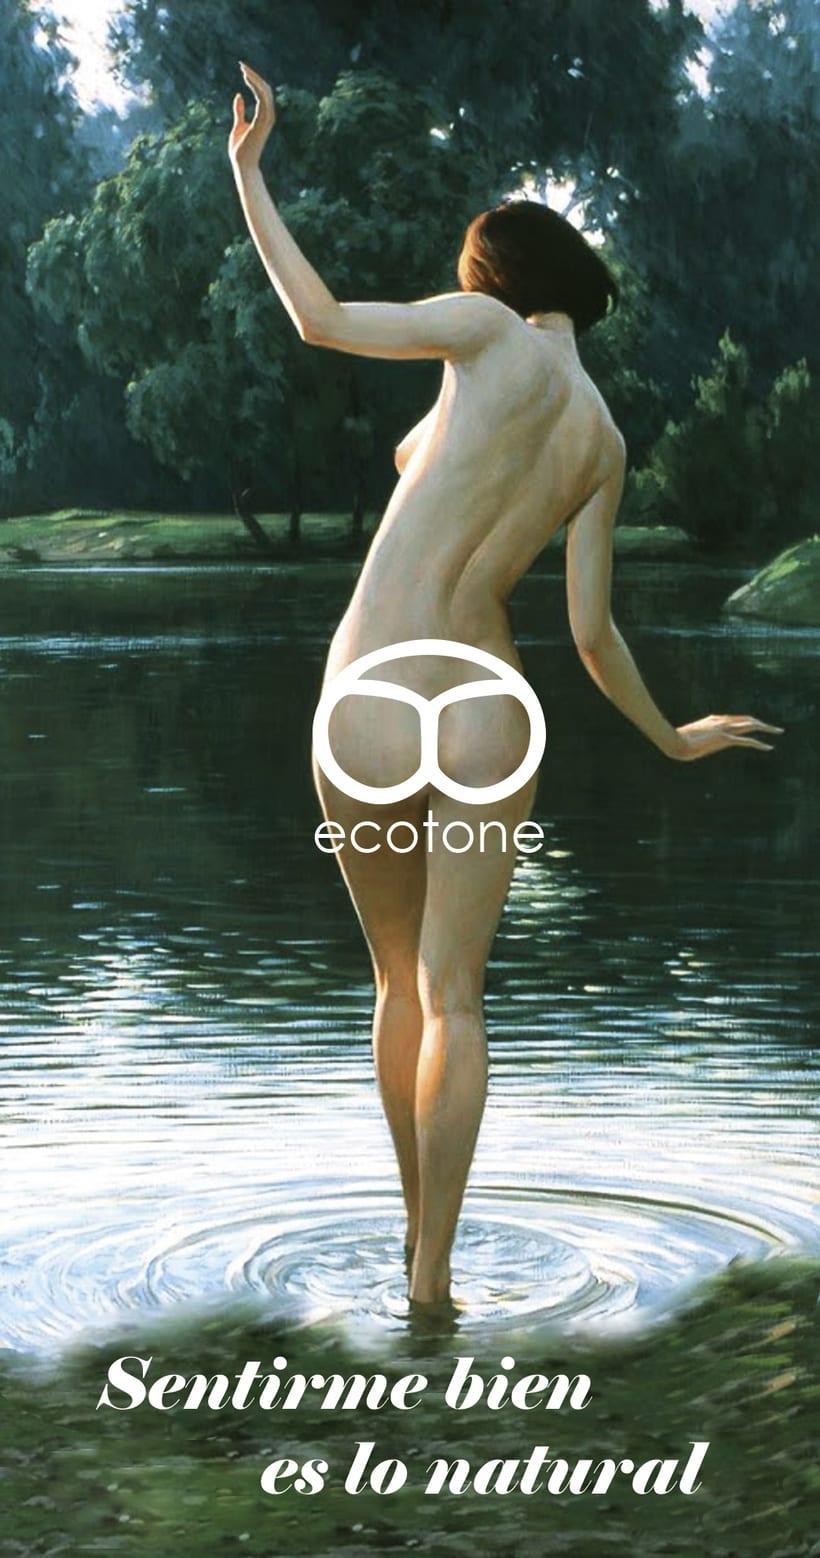 Ecotone 2